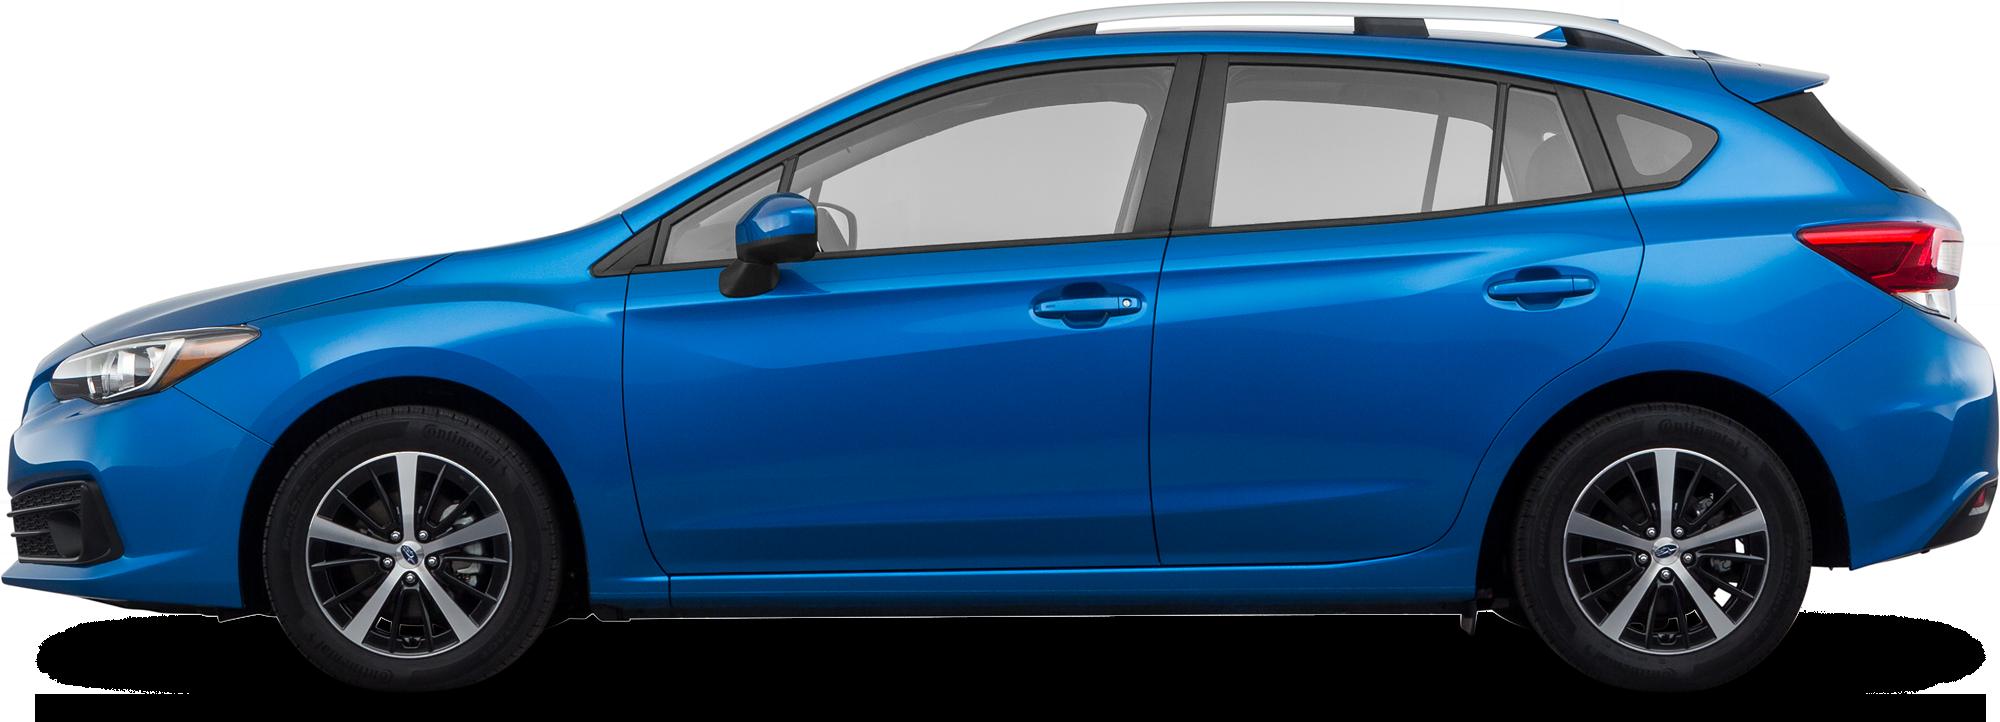 2021 Subaru Impreza 5-door Premium